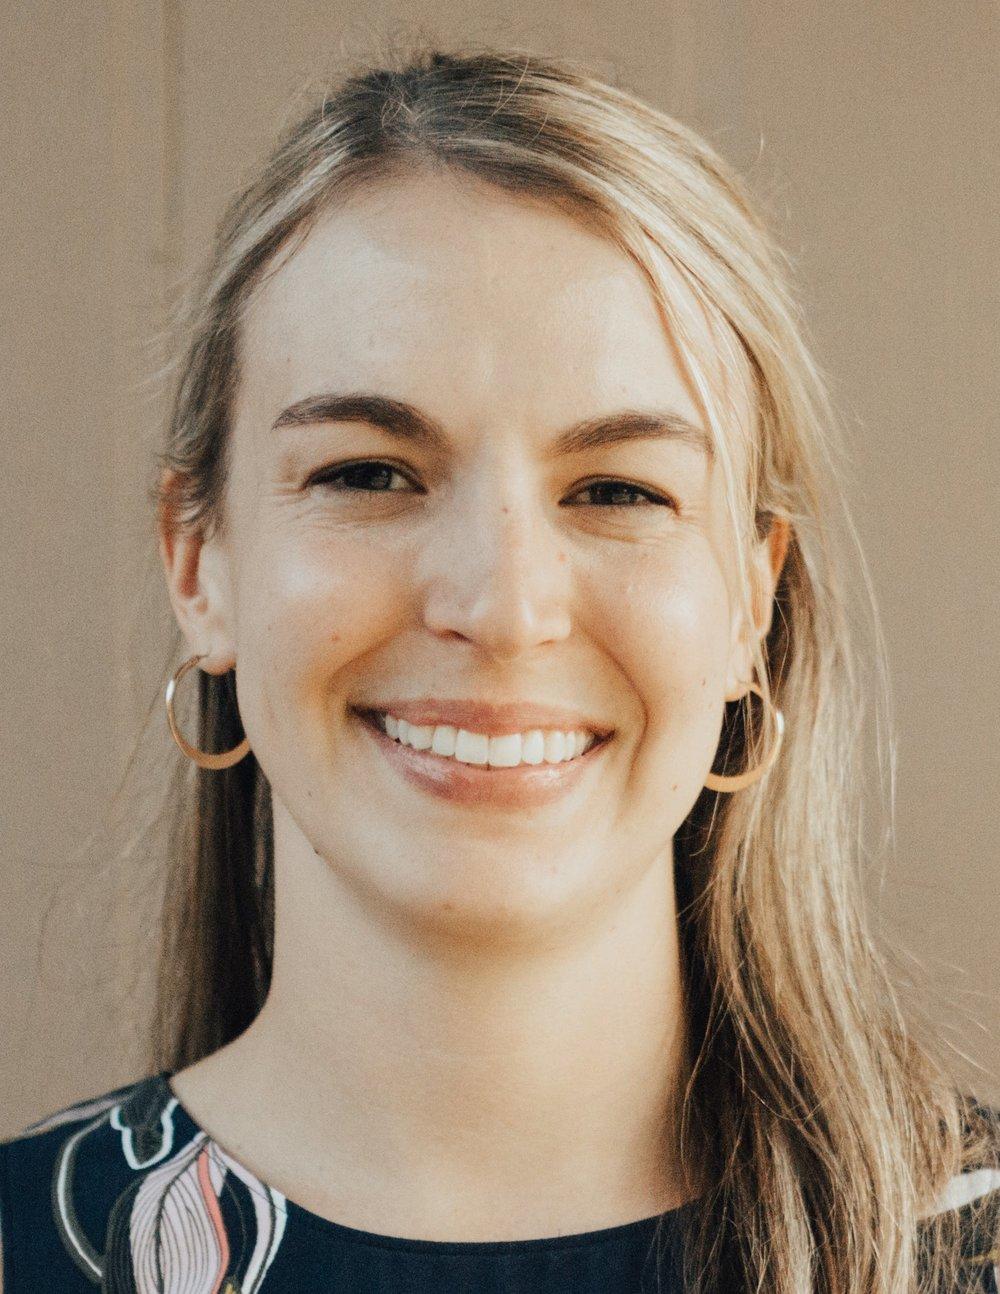 Samantha Fuelner